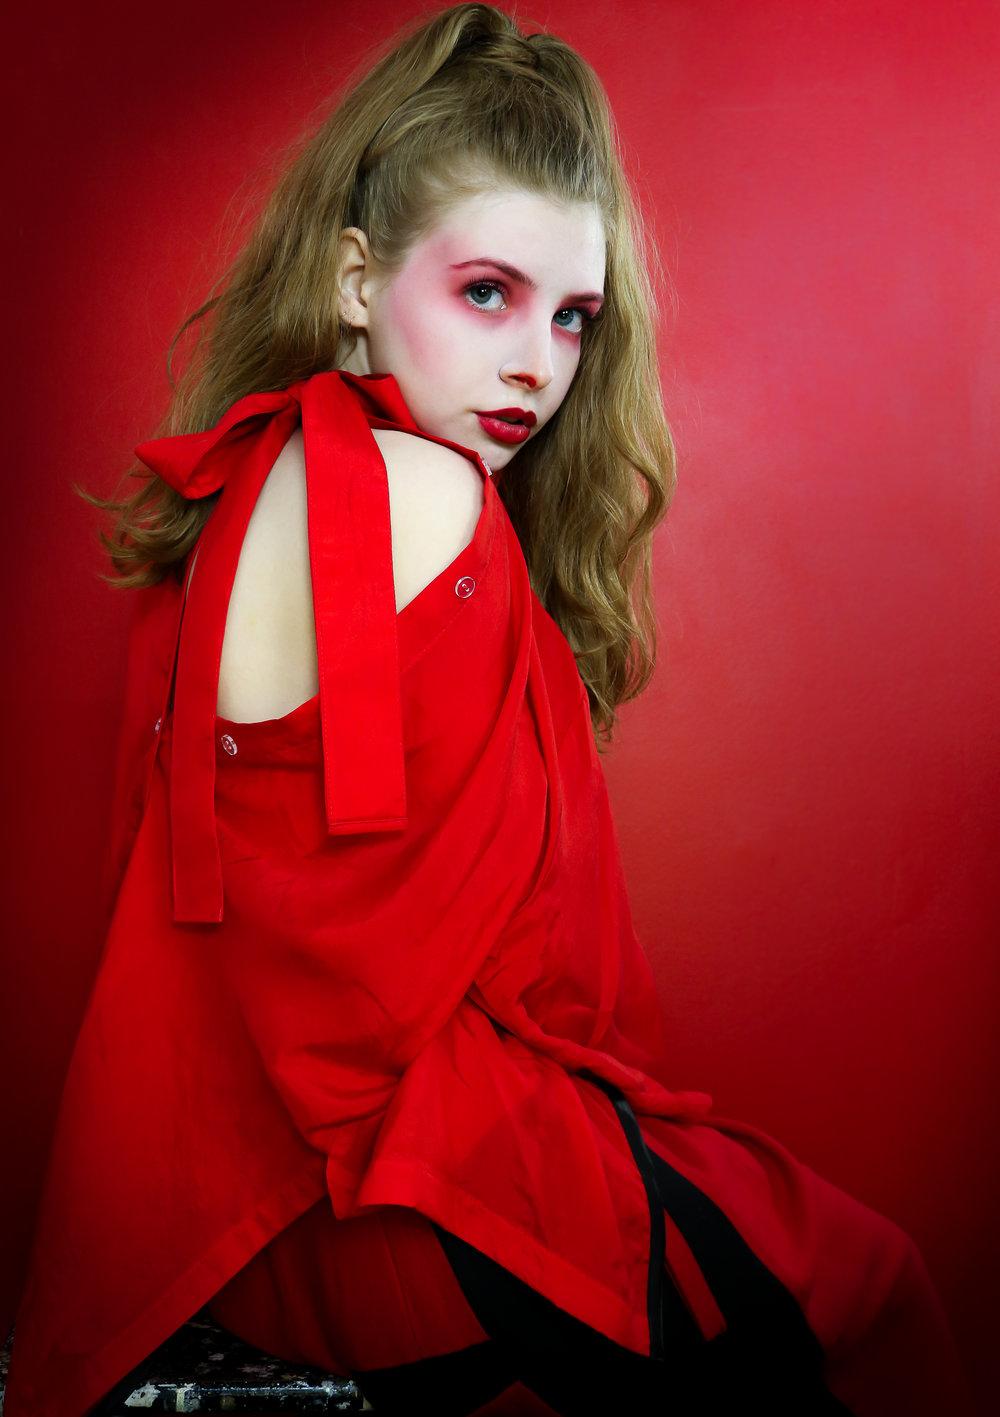 46d5b9036932-THE_EMMA_RED, model citizen magazine.jpg